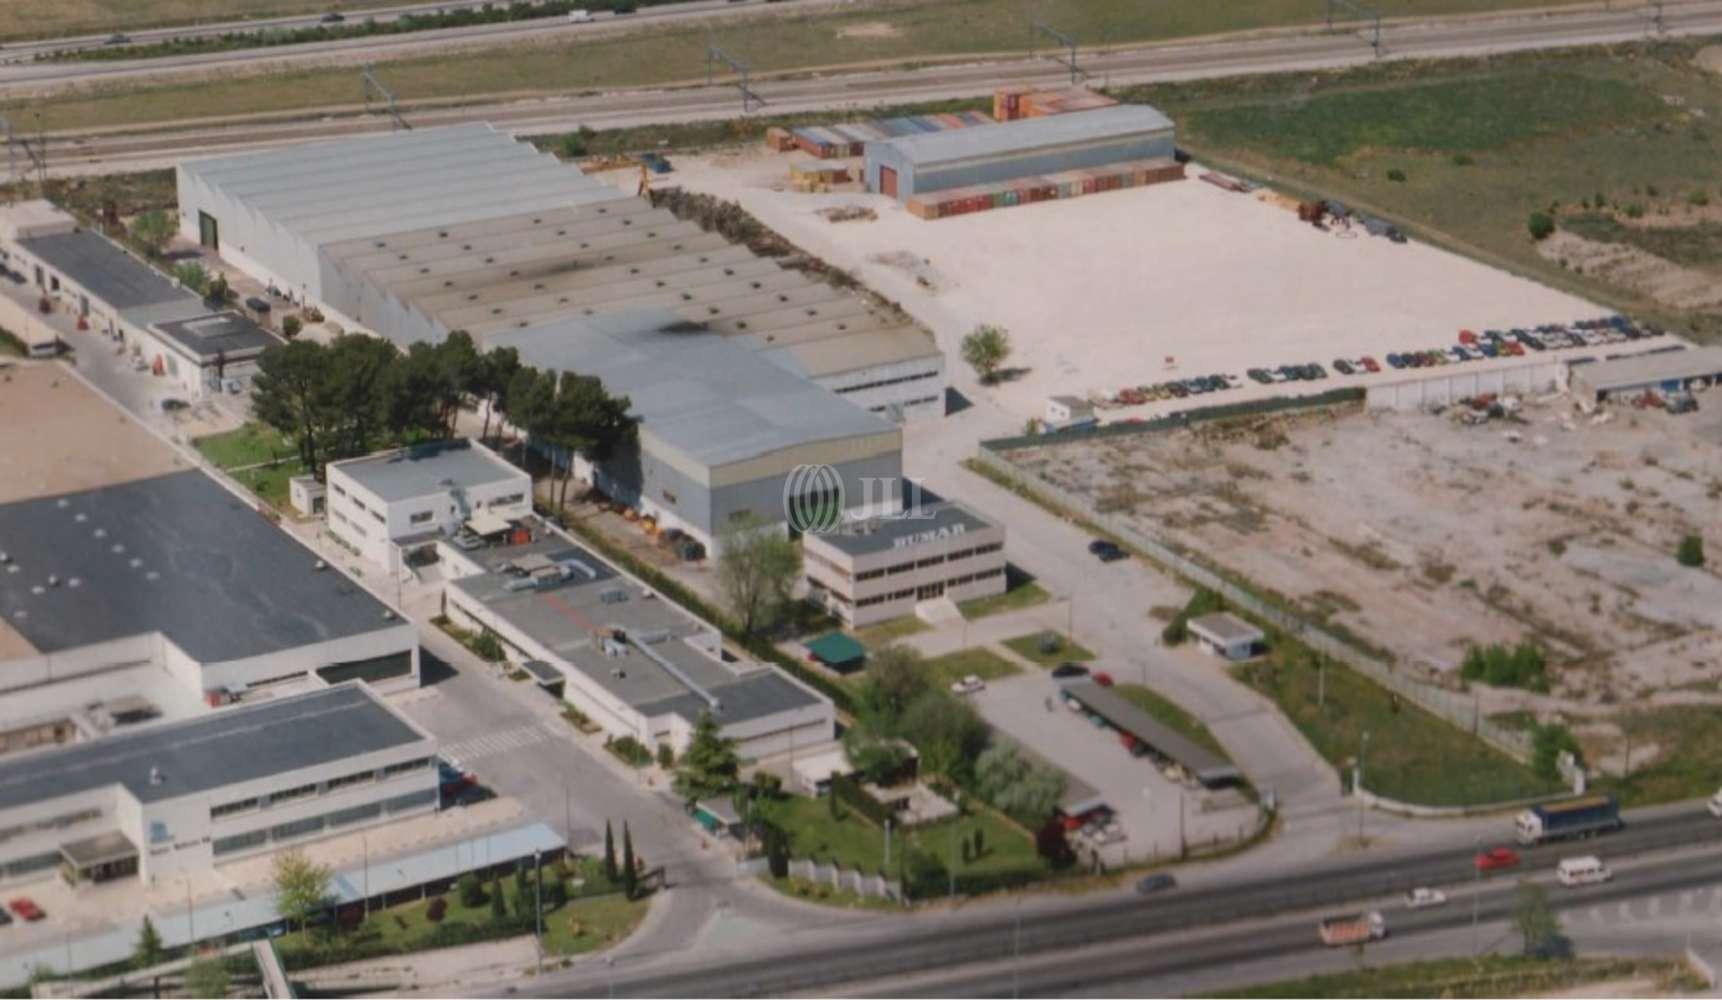 Solar Alcalá de henares, 28802 - Solar Industrial/Logistico - M0079 - Solar Industrial Alcalá de Henares